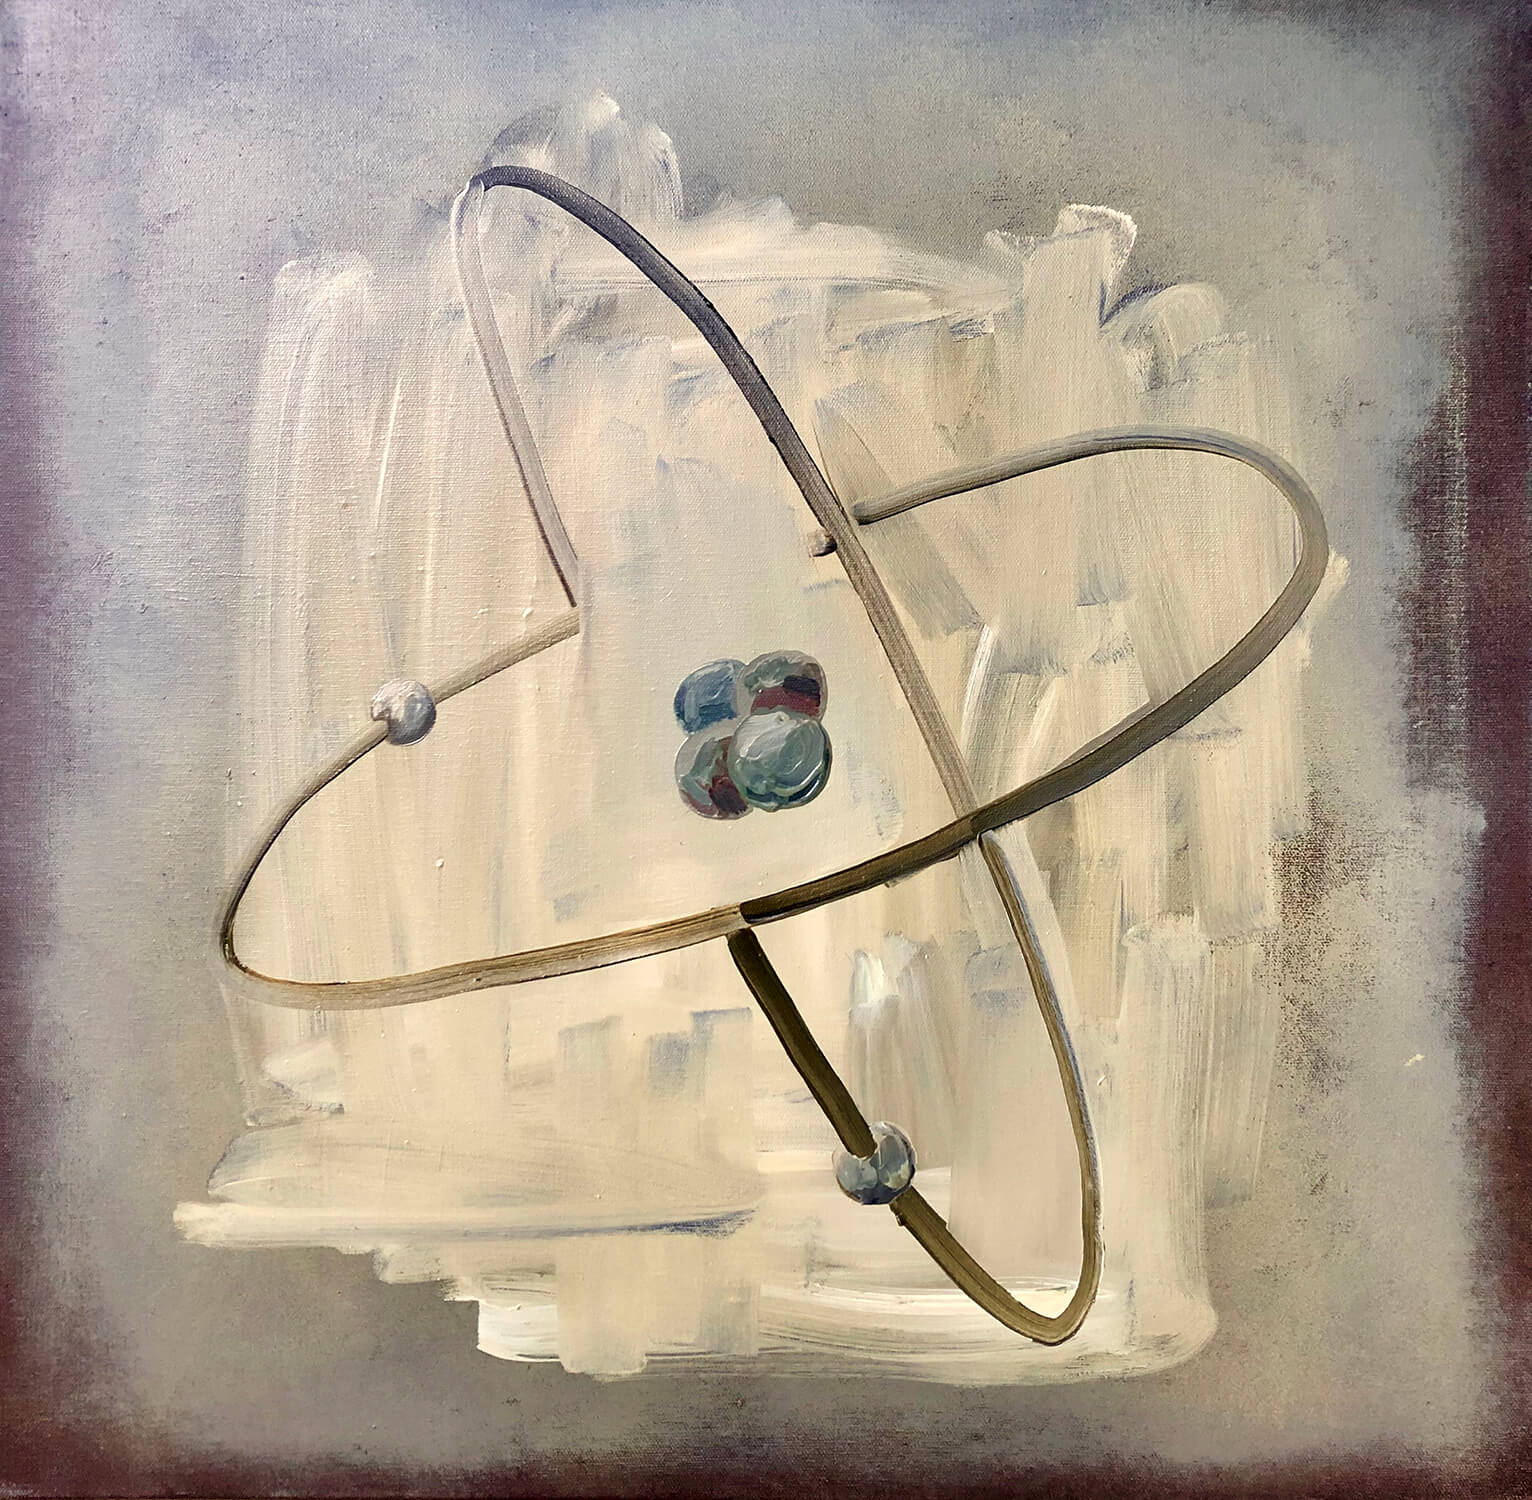 Helium, 2012